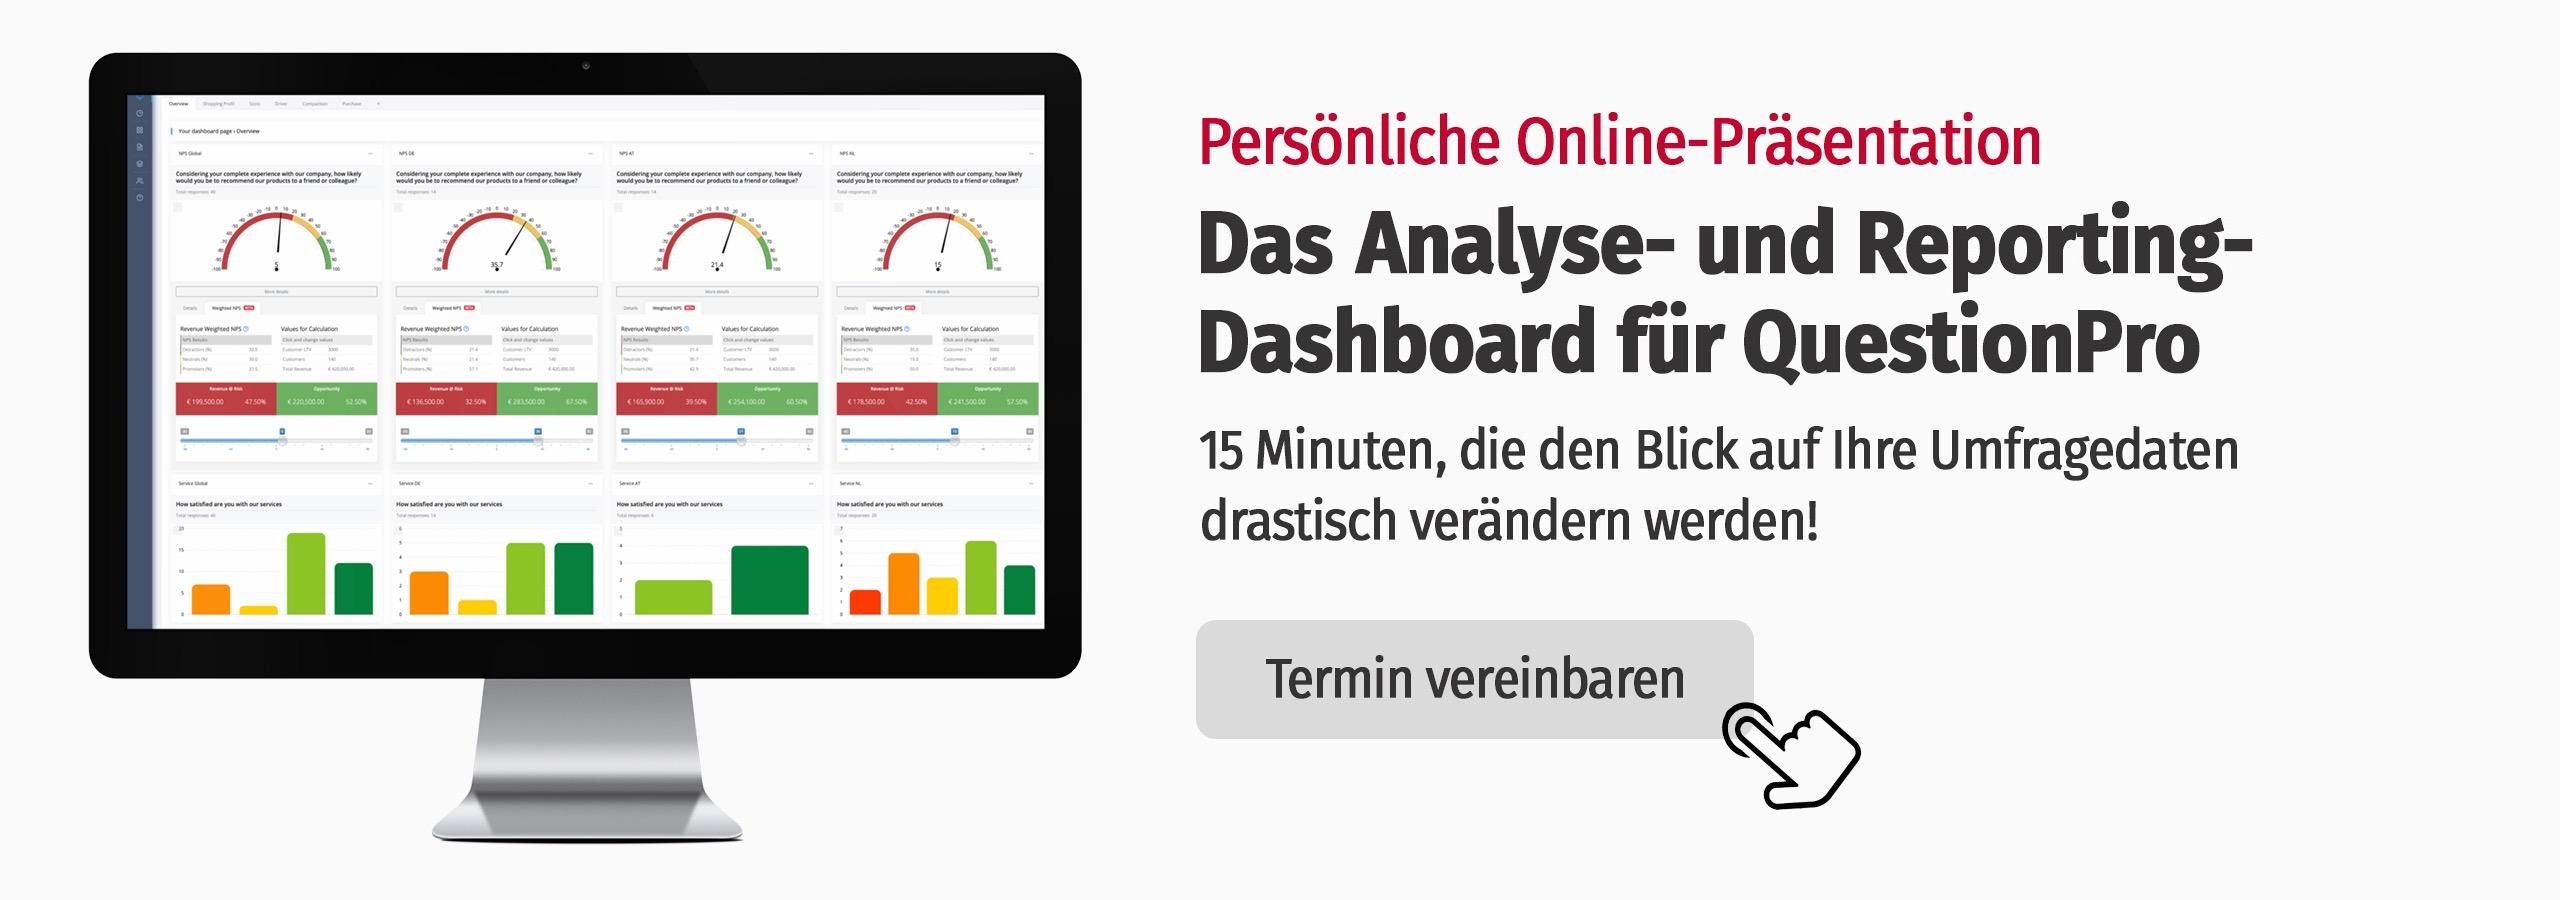 Analyse Dashboard von QuestionPro für Marktforschung und Experience Management